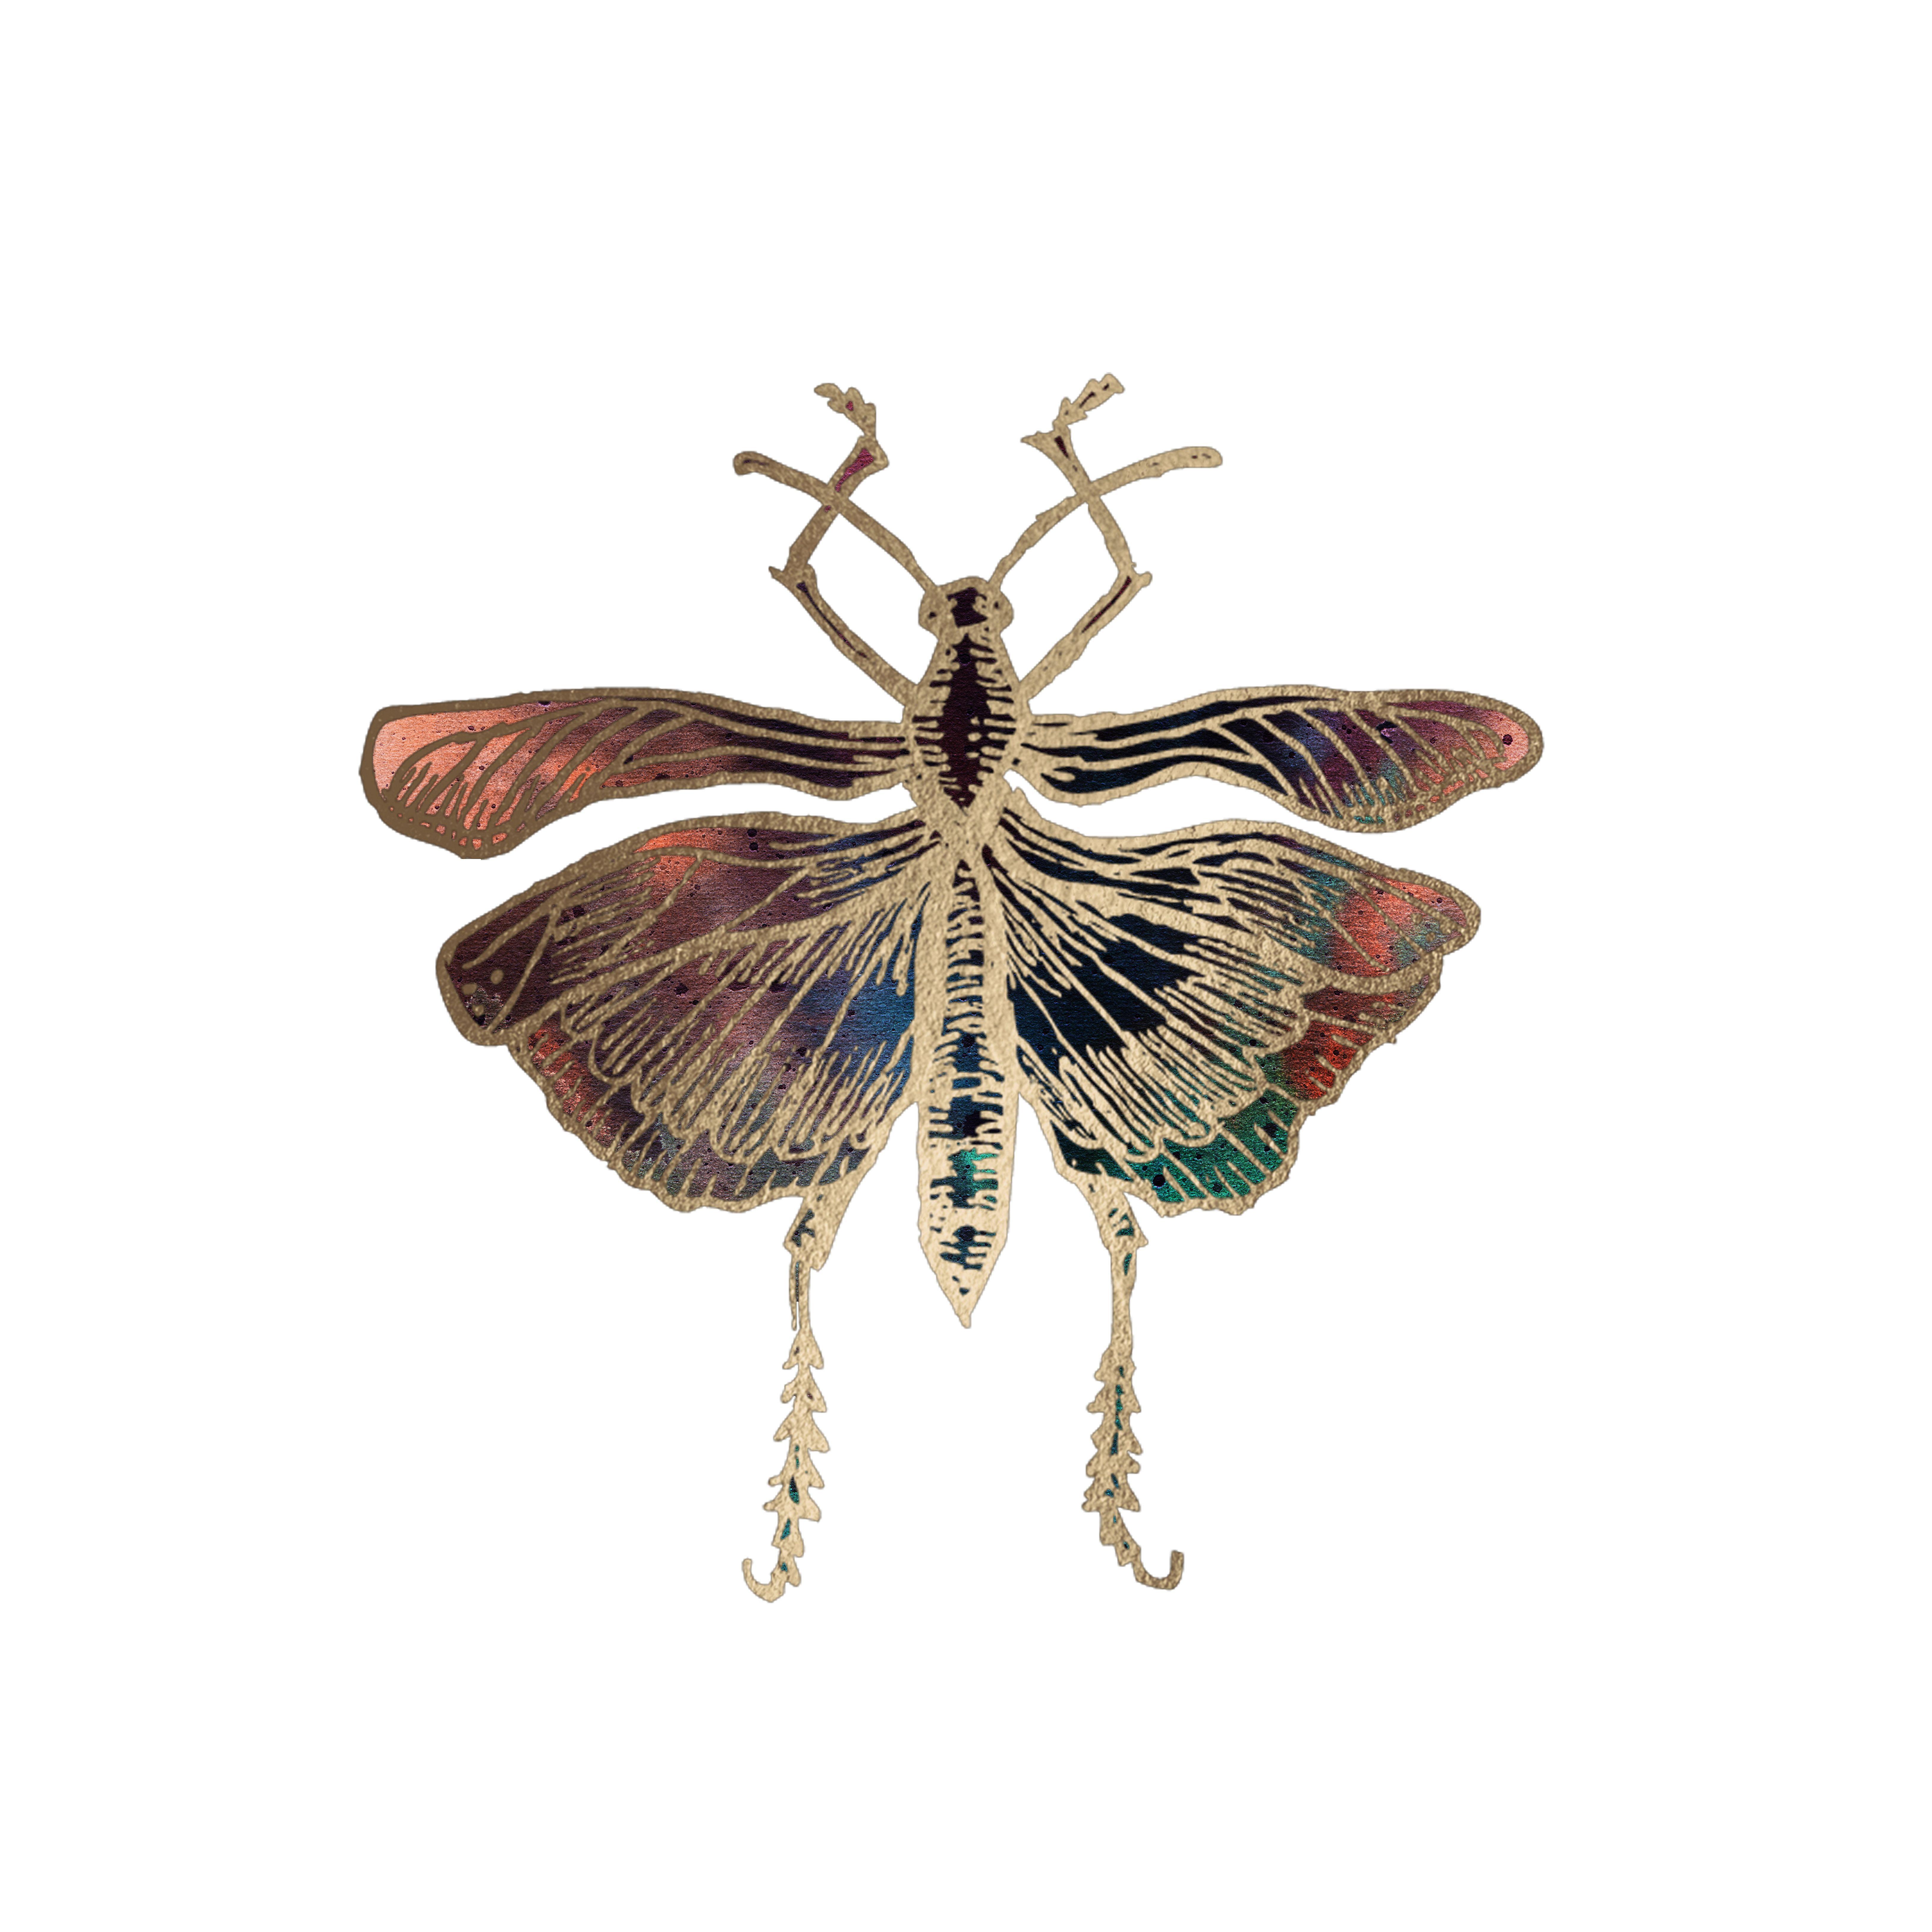 14+ Locust symbol information